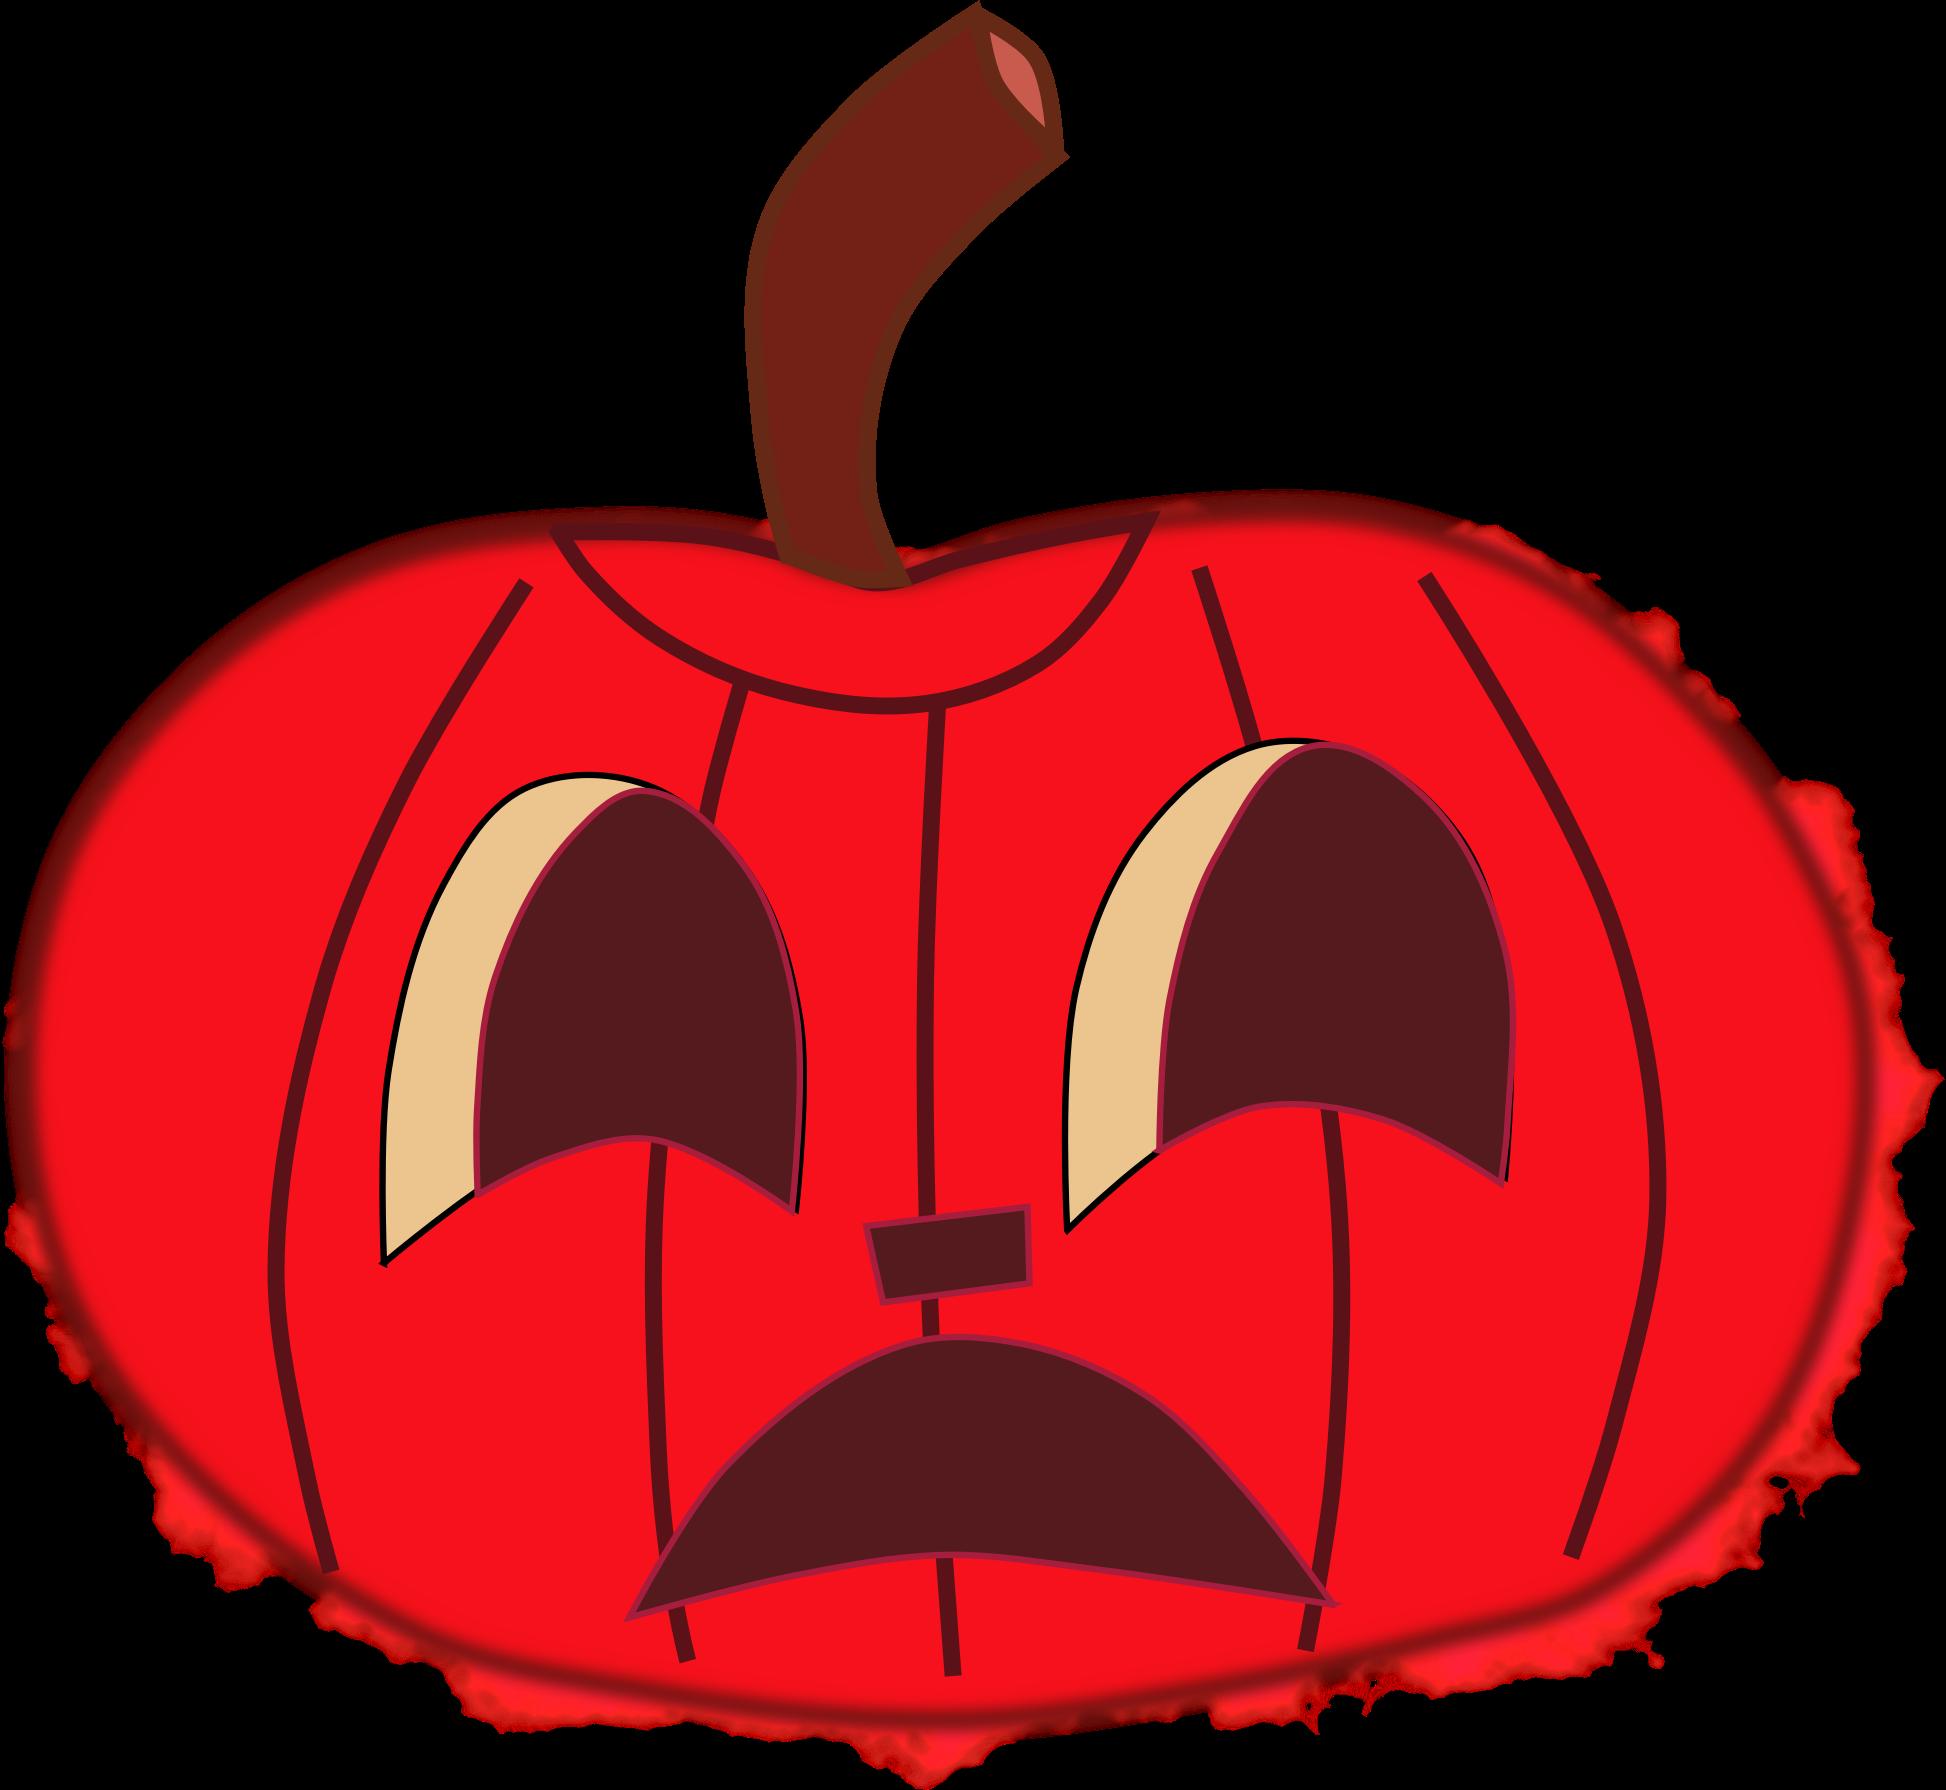 Halloween faces for pumpkins. Clipart pumpkin pumkin